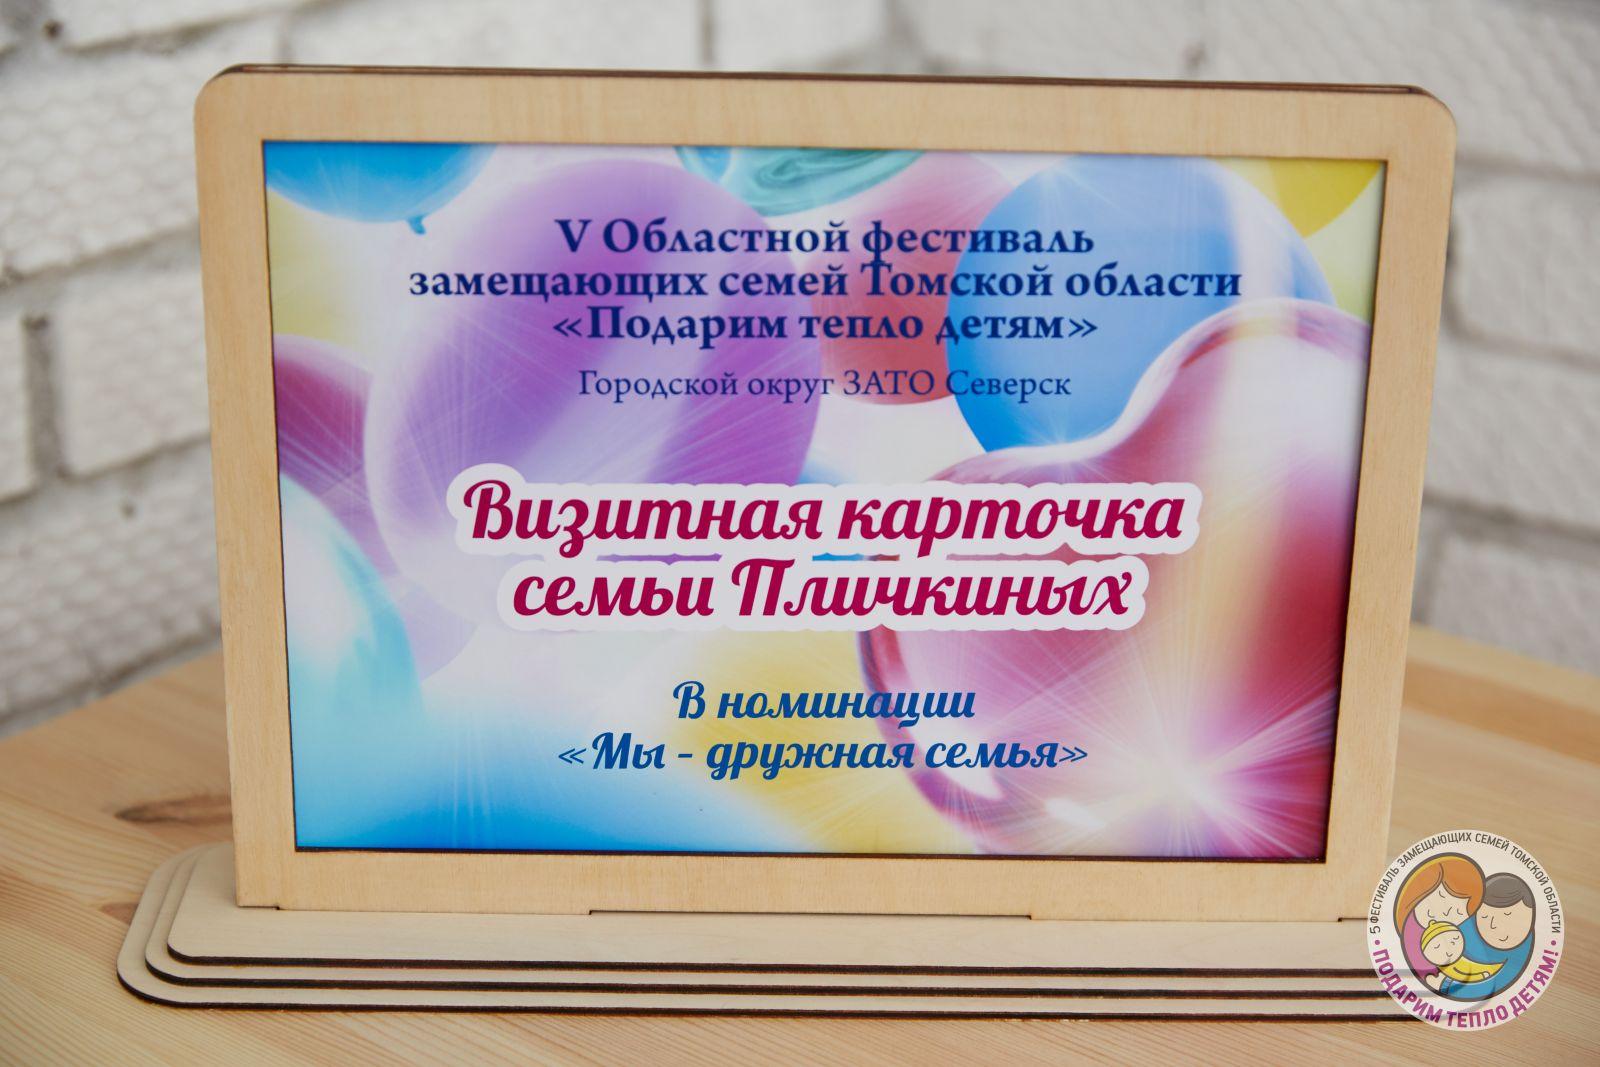 Северчане могут поддержать семью Пличкиных на фестивале «Подарим тепло детям»